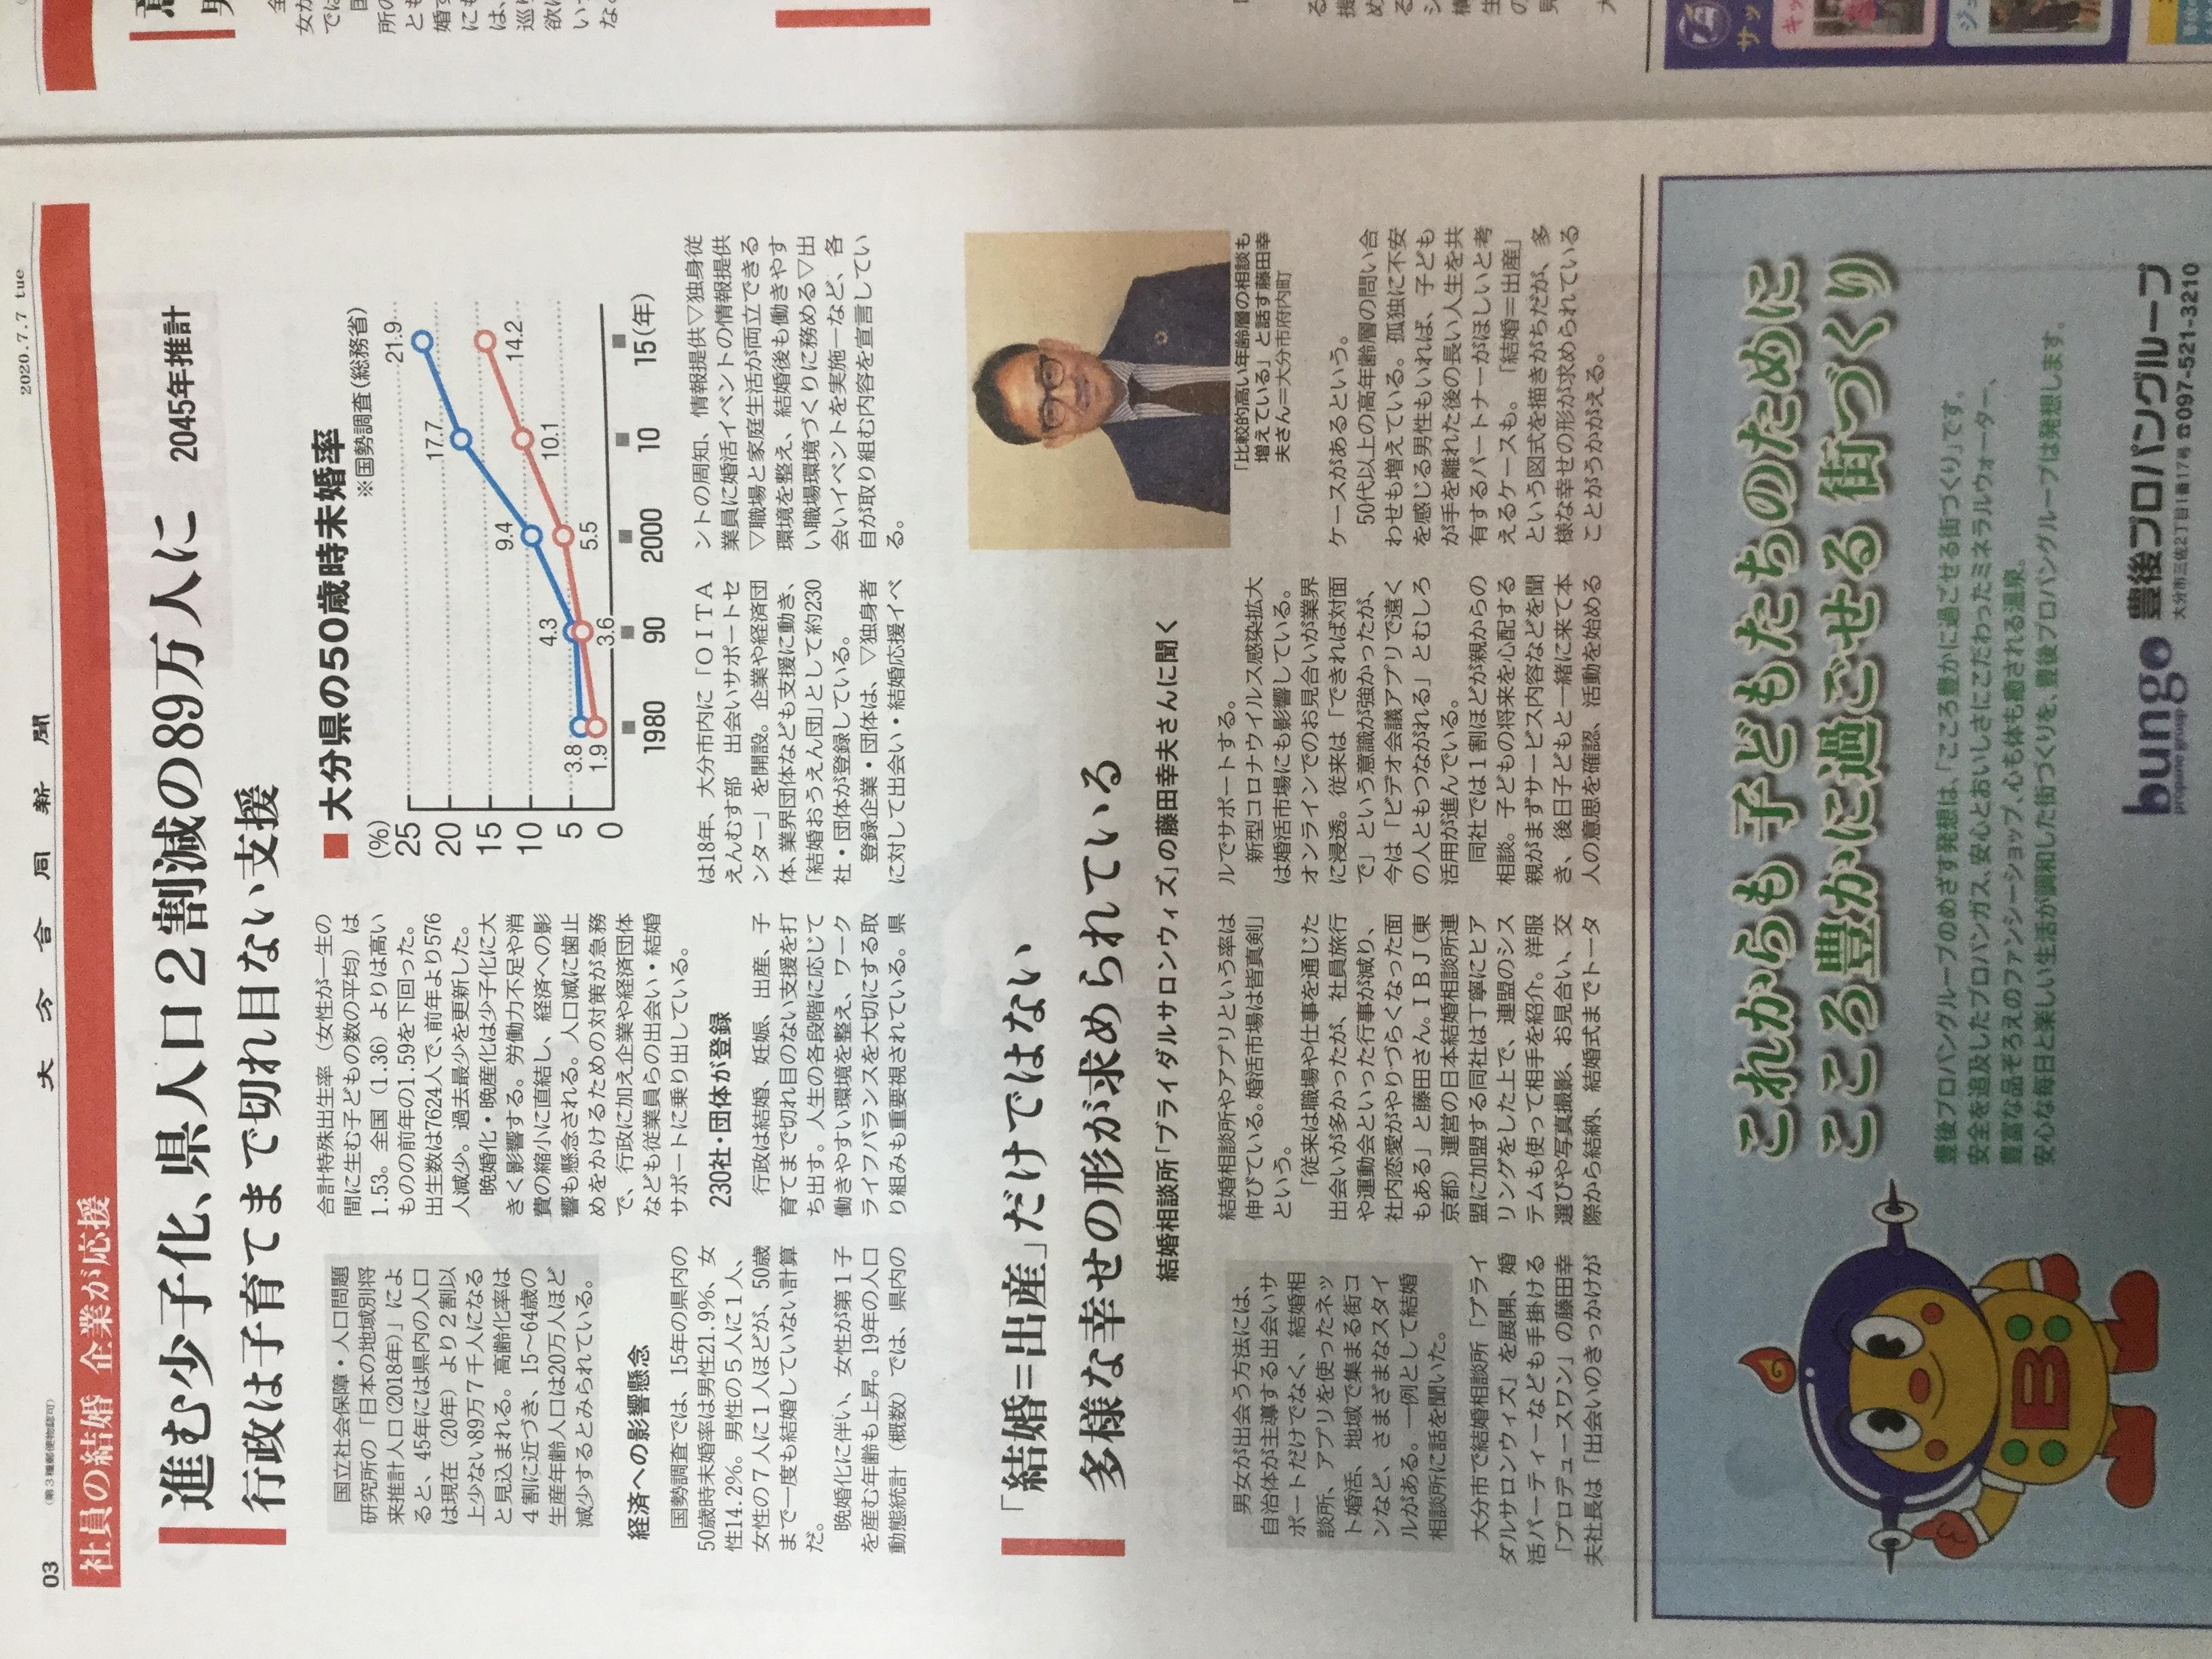 大分合同新聞から取材を受けインタビューが掲載されました。